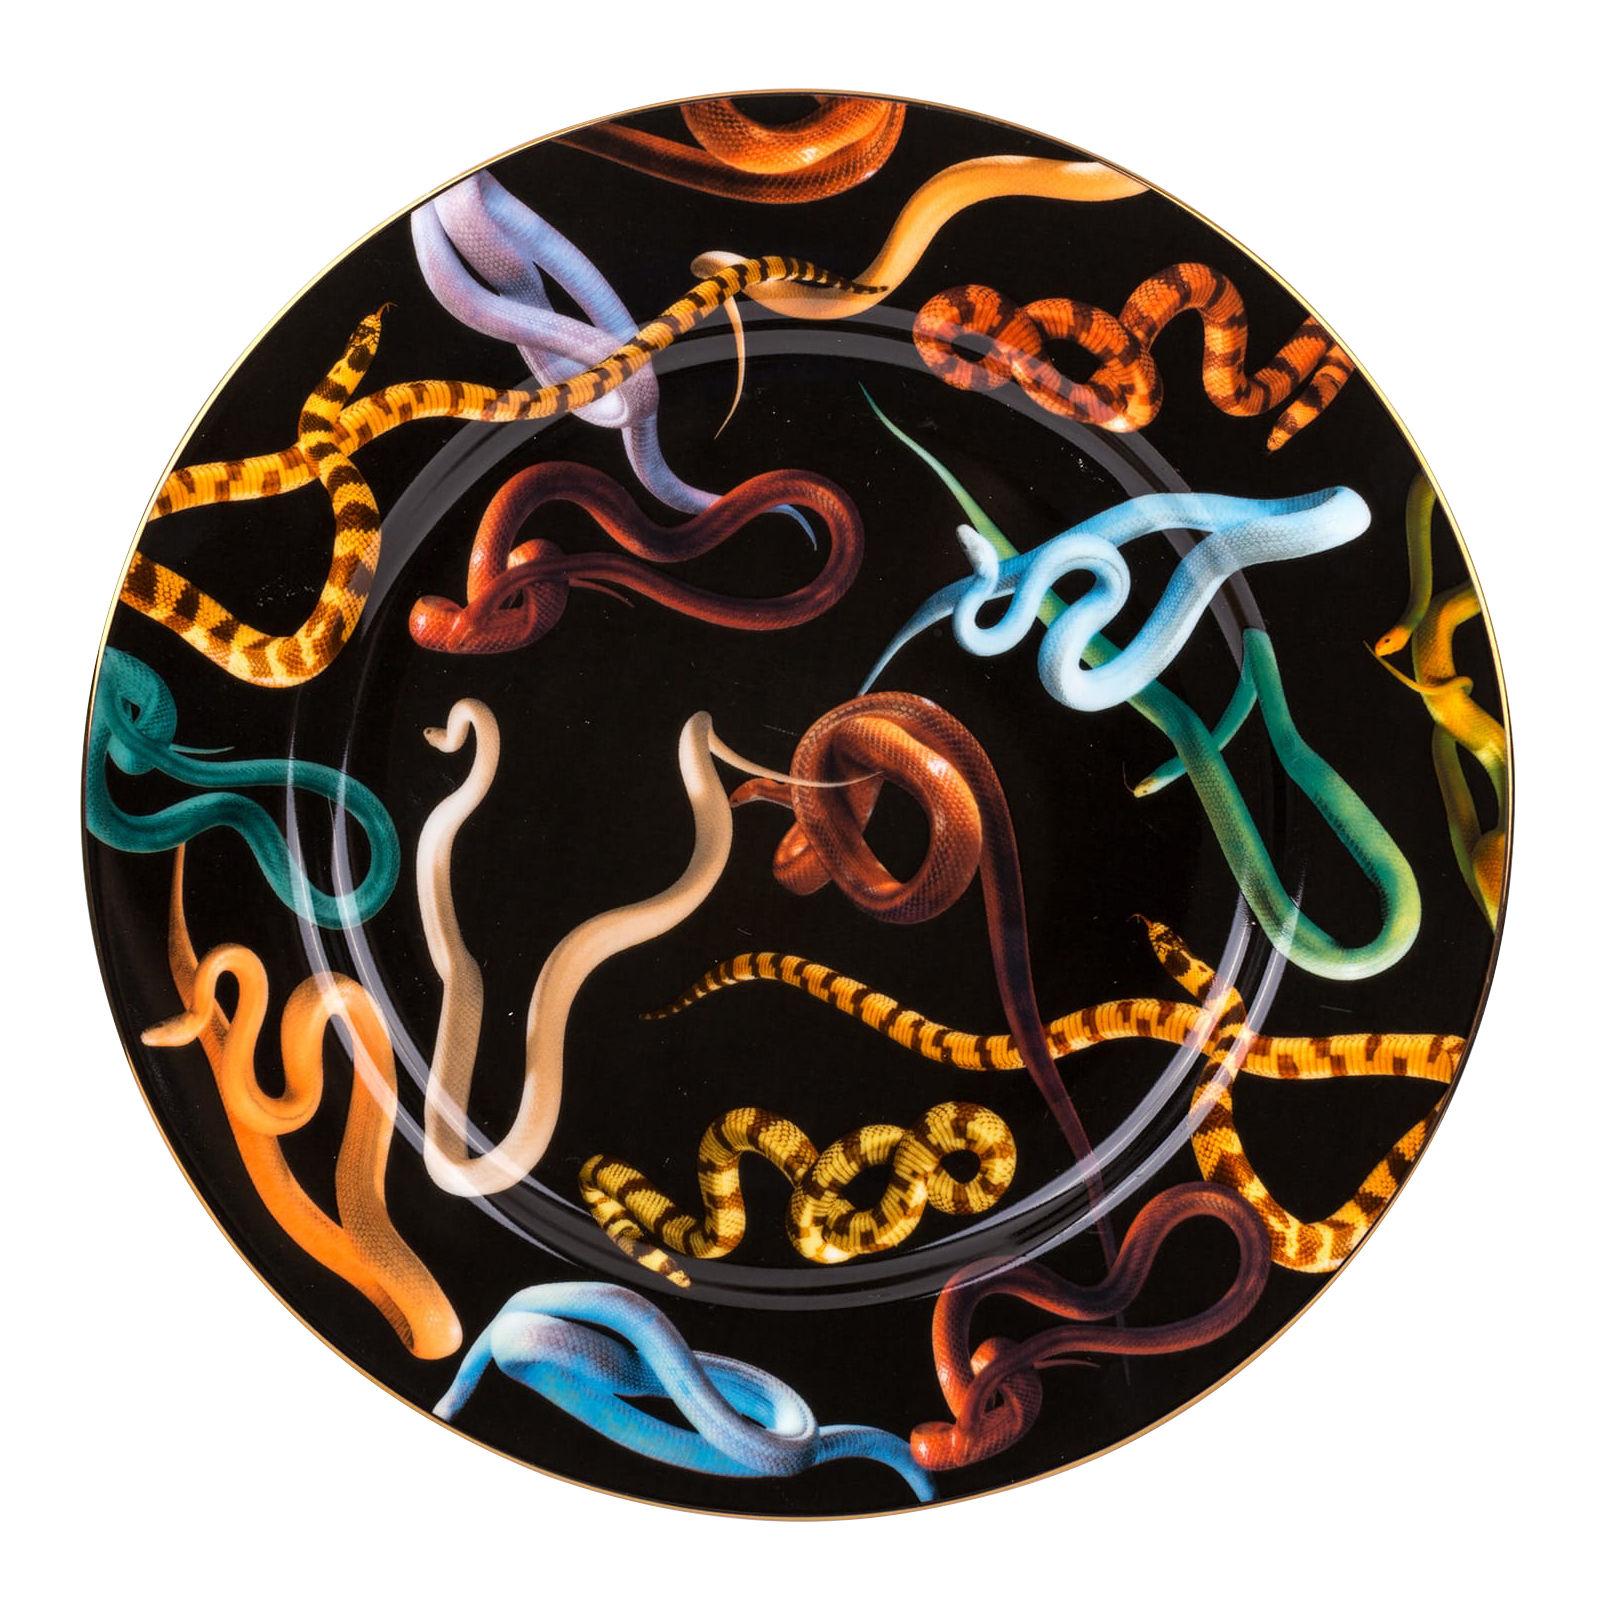 Tavola - Piatti  - Piatto Toiletpaper - Snakes - / Porcellana di Seletti - Snakes - Porcellana